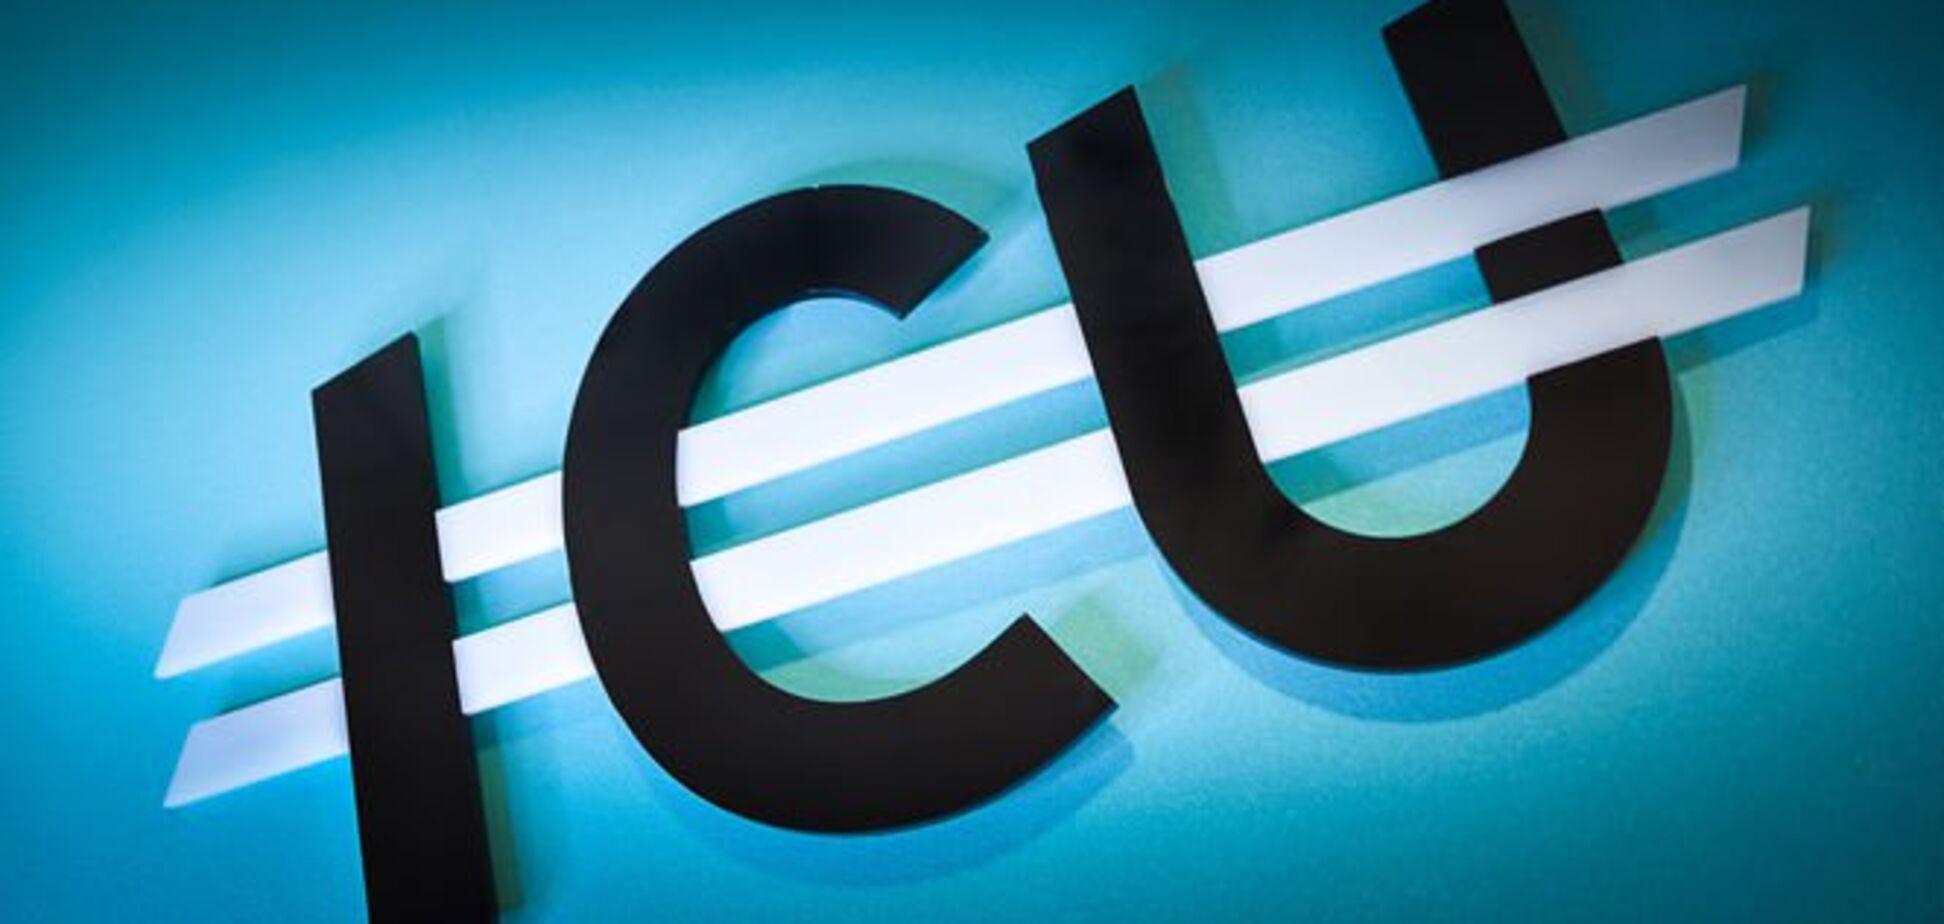 ICU И Правекс-Банк представили новые инструменты для украинских инвесторов